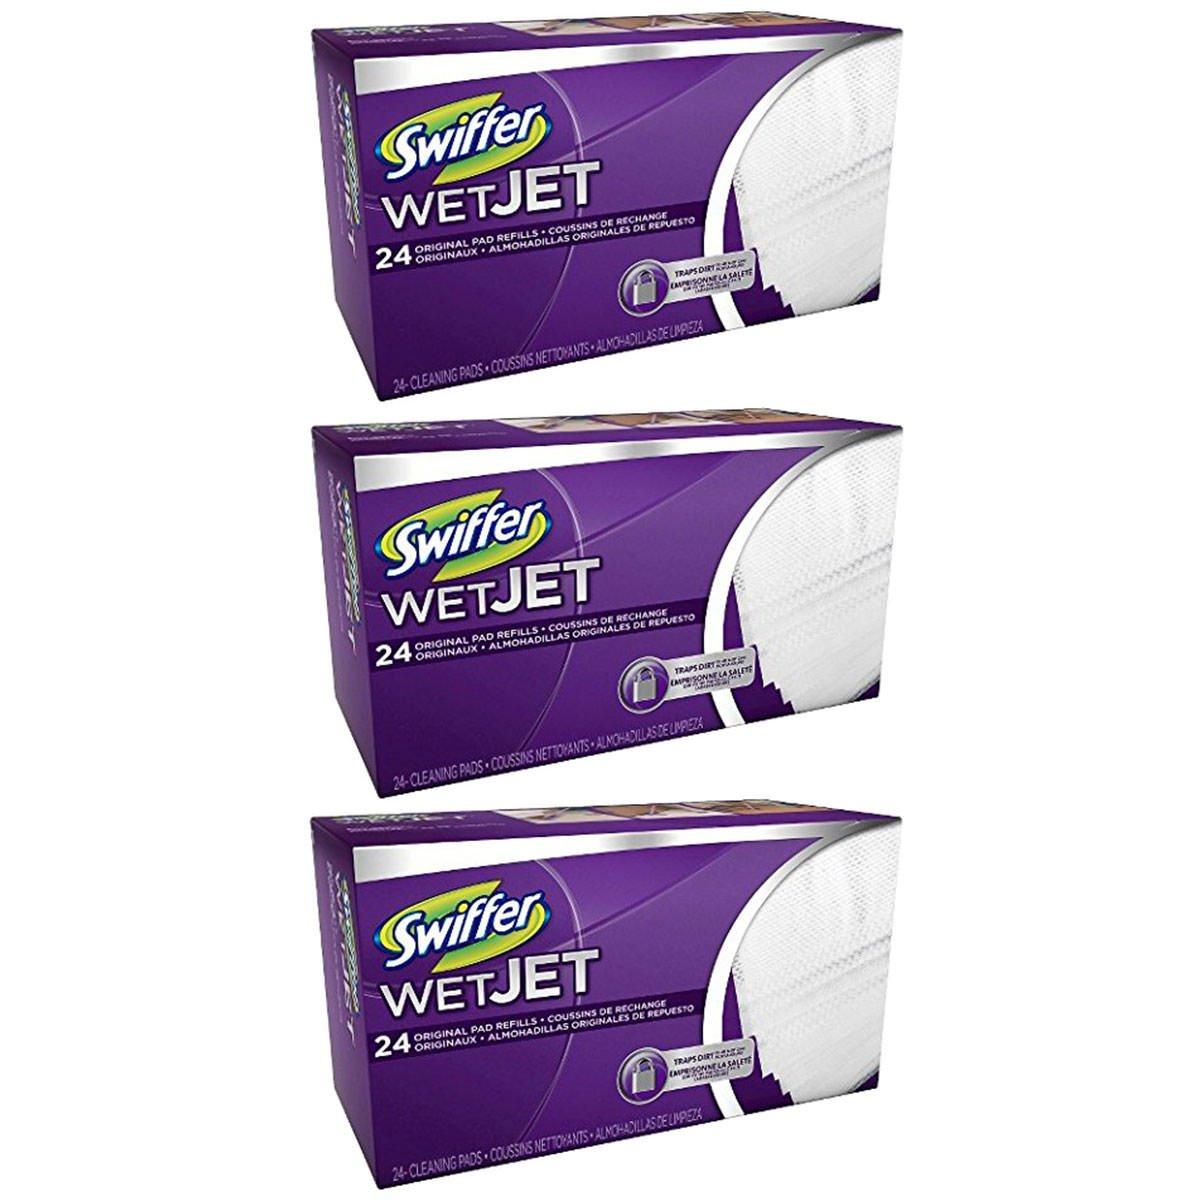 Swiffer WetJet Hardwood Floor, Wet Jet Spray Mop Pad Refills, Original Scent Refill Cloth, 3 Pack (24 Count)